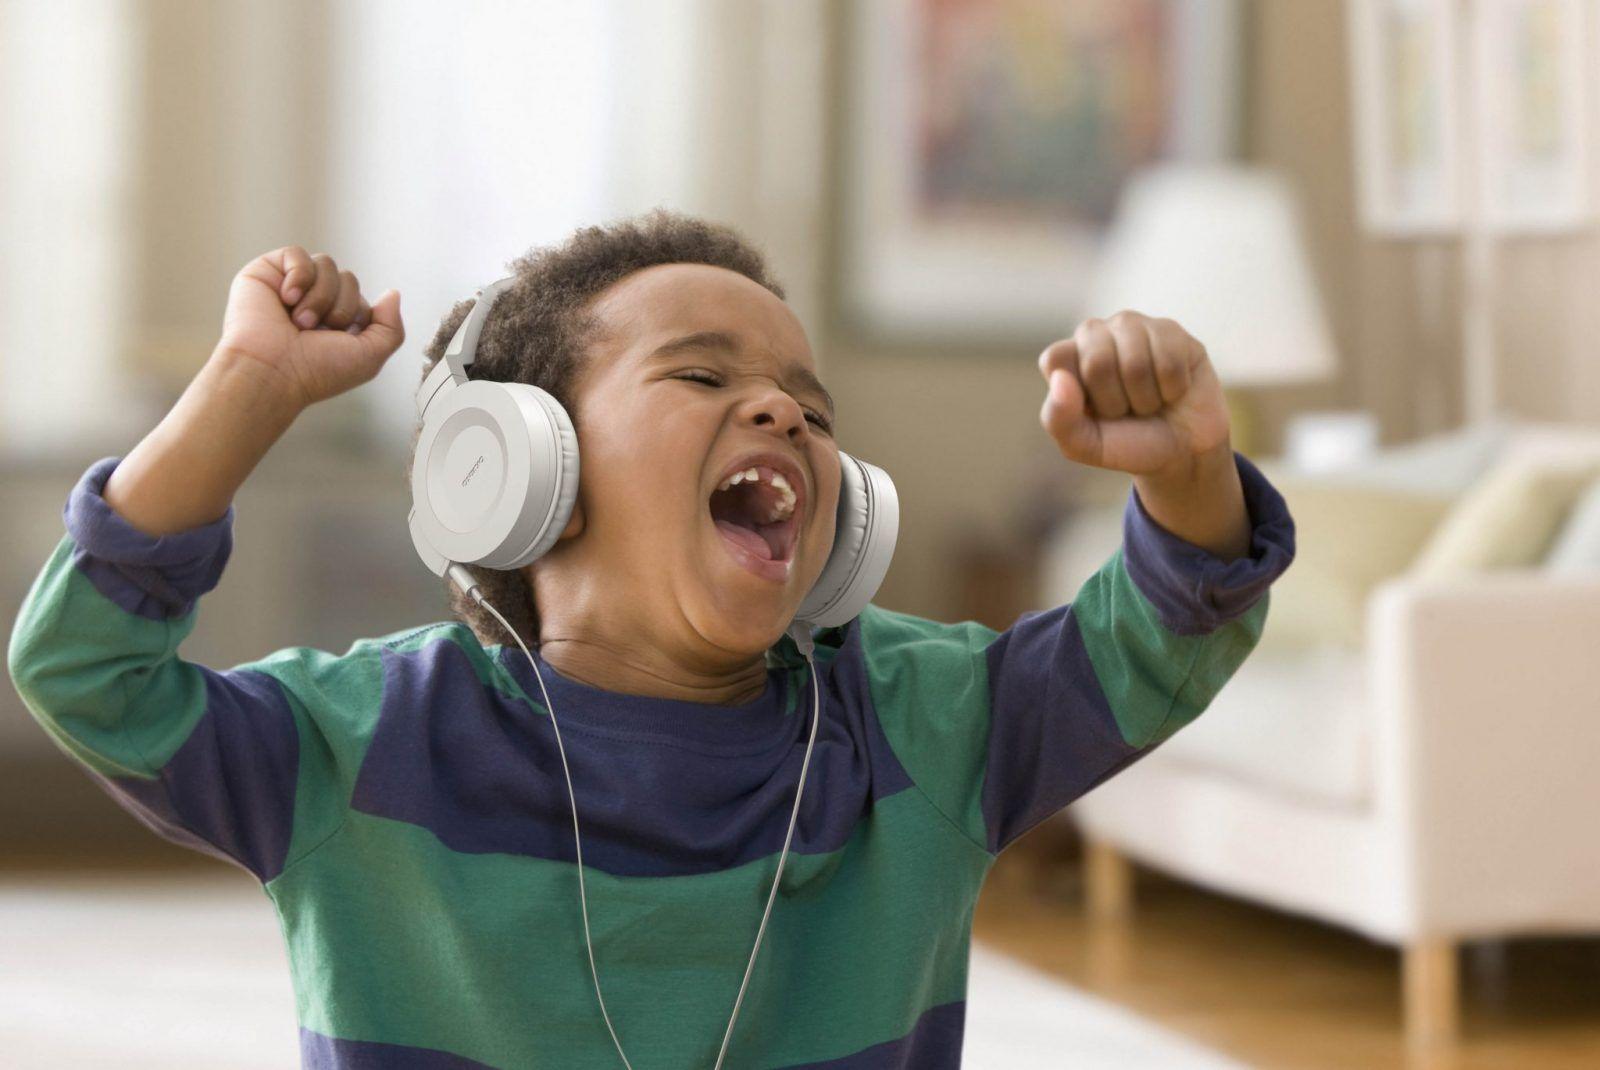 Recenzja Onkyo ES-FC300 – 60 lat doświadczenia zwieńczone pierwszymi słuchawkami